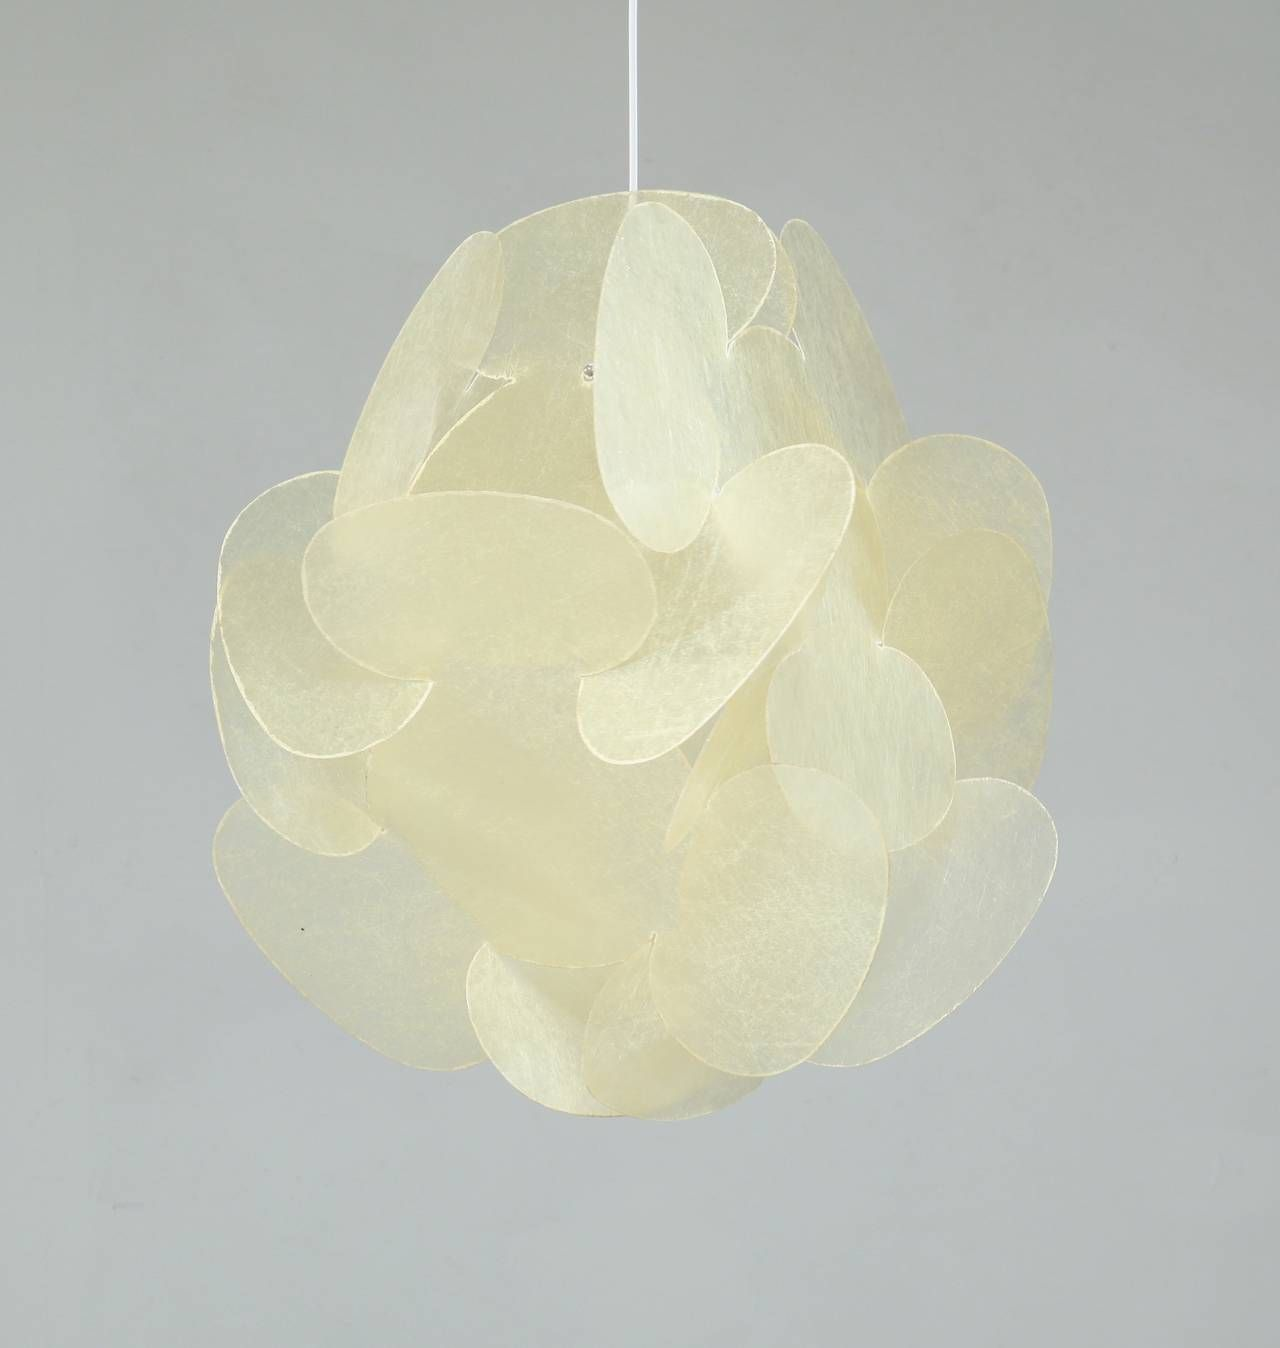 Enrico Botta Extra Large Fiberglass Lamp Sundown Italy 1960s For Sale At 1stdibs